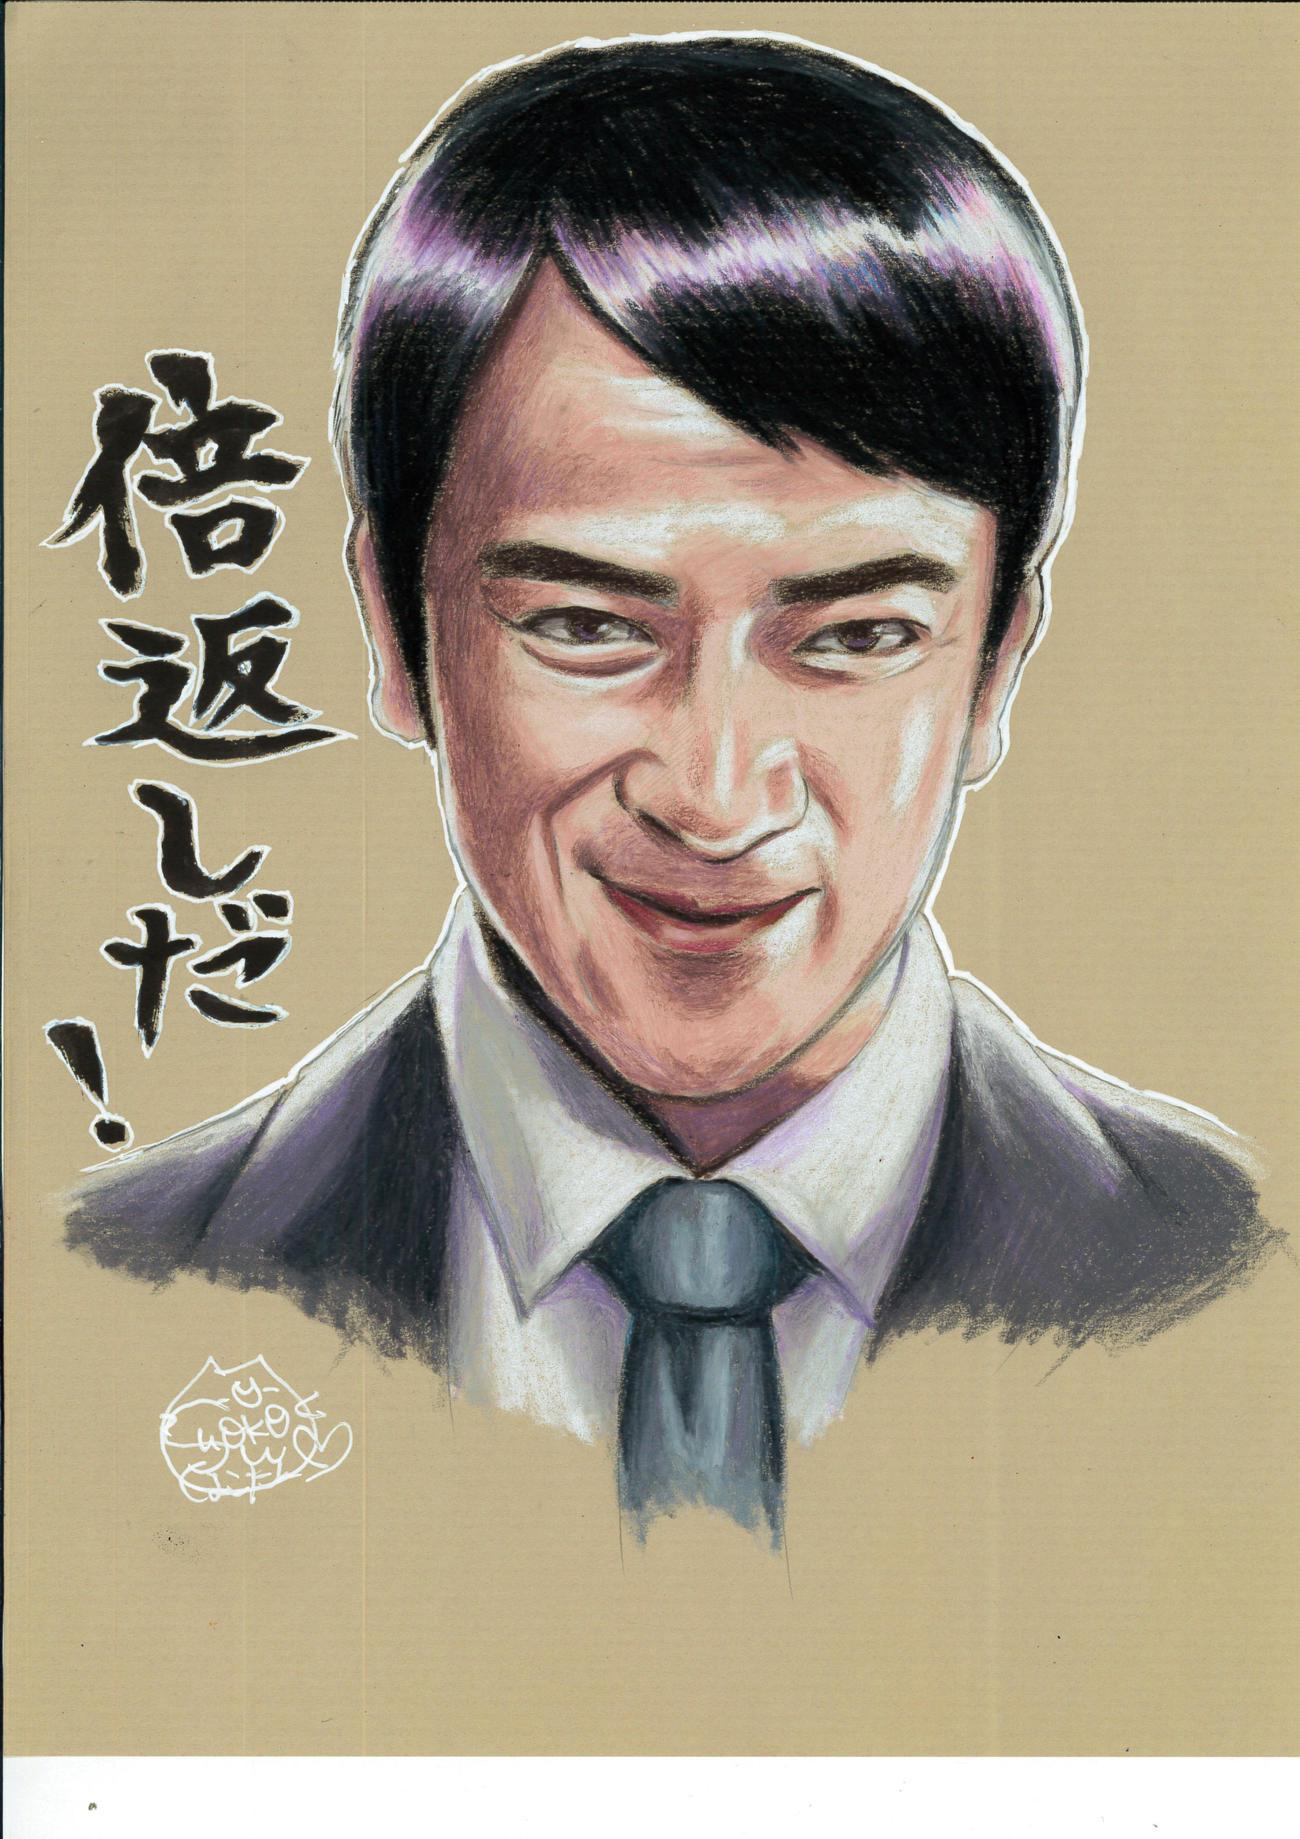 中川翔子が公式YouTubeチャンネルで披露したTBS日曜劇場「半沢直樹」のイラスト